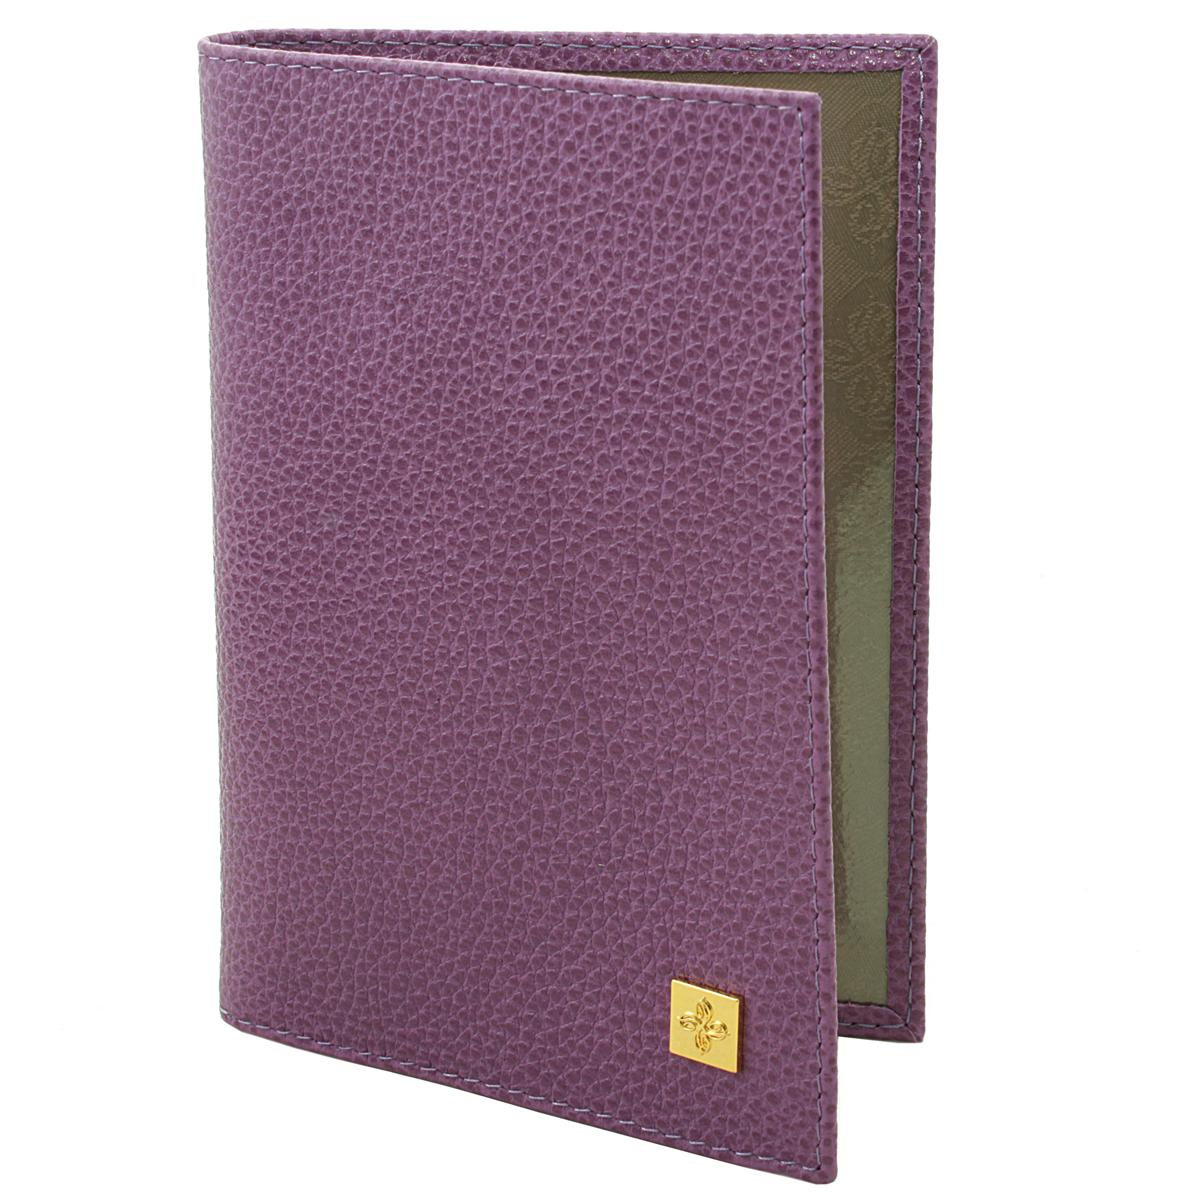 Обложка для паспорта женская Dimanche Purpur, цвет: пурпурный. 100100Обложка для паспорта Purpur выполнена из натуральной кожи с фактурным тиснением. На внутреннем развороте расположено два вертикальных кармана из прозрачного пластика. Обложка не только поможет сохранить внешний вид ваших документов и защитит их от повреждений, но и станет ярким аксессуаром, который подчеркнет ваш образ. Обложка упакована в фирменную картонную коробку. Характеристики: Материал: натуральная кожа, текстиль, ПВХ. Размер обложки: 9,5 см х 13,5 см х 1,5 см. Цвет: пурпурный.